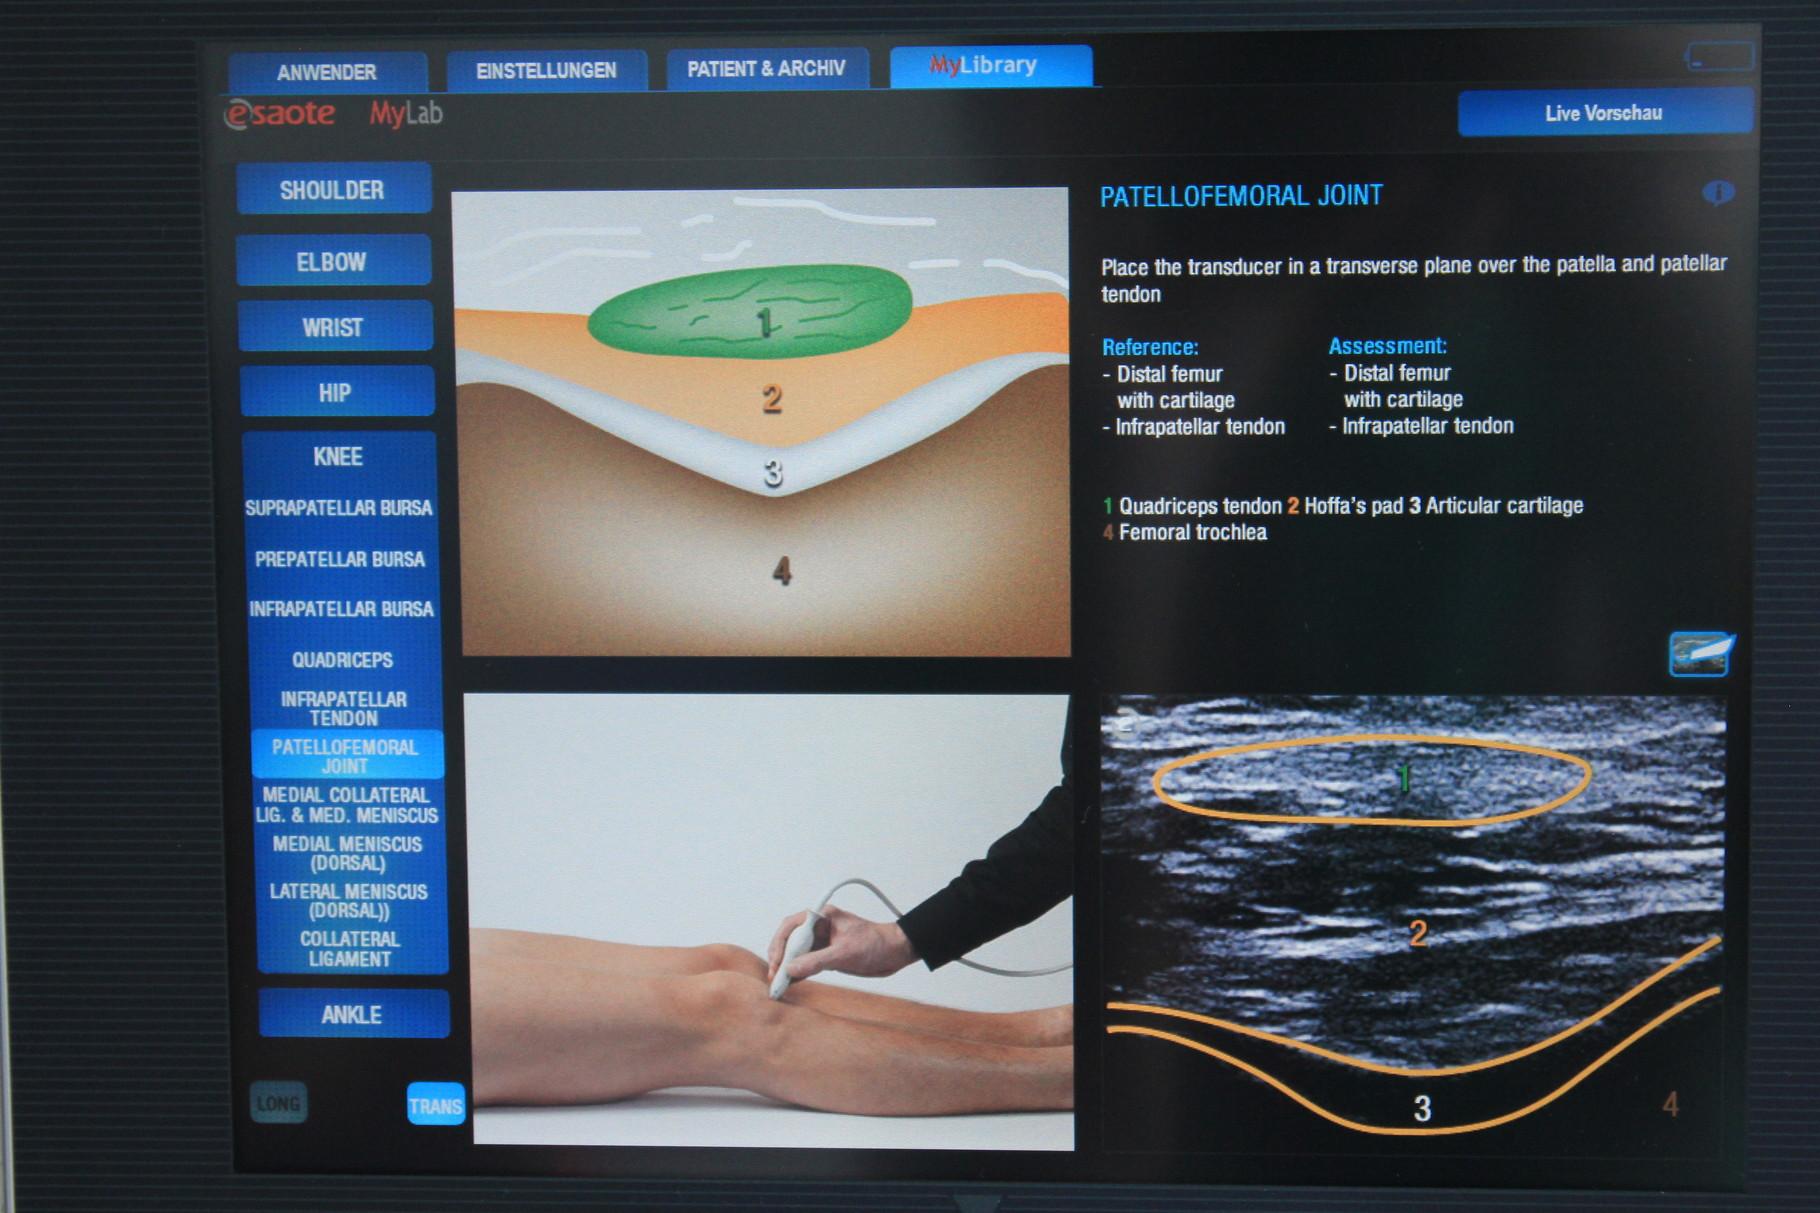 Beispielbild MSU (Muskeloskelettaler Ultraschall) Knie